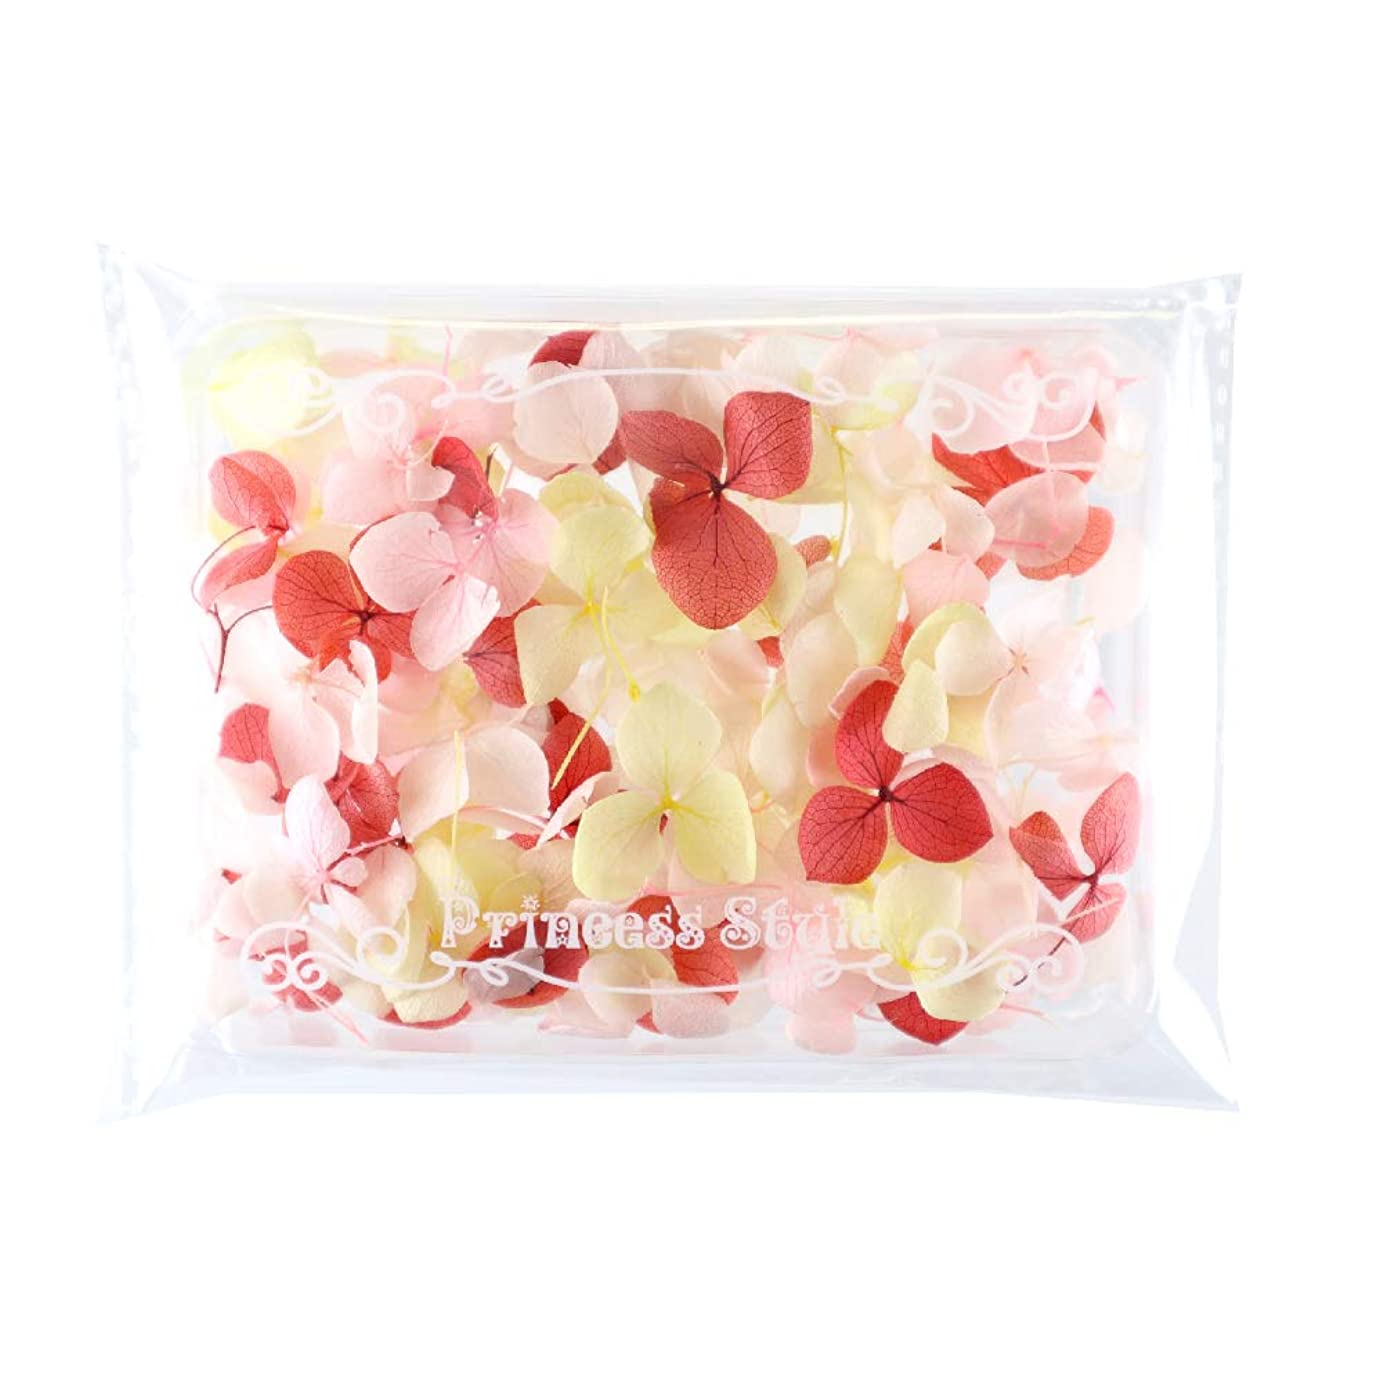 置き場伝統反応するあじさい 花びら プリザーブドフラワー 花材 レジン アクセサリー用 アソートセット (暖色系)